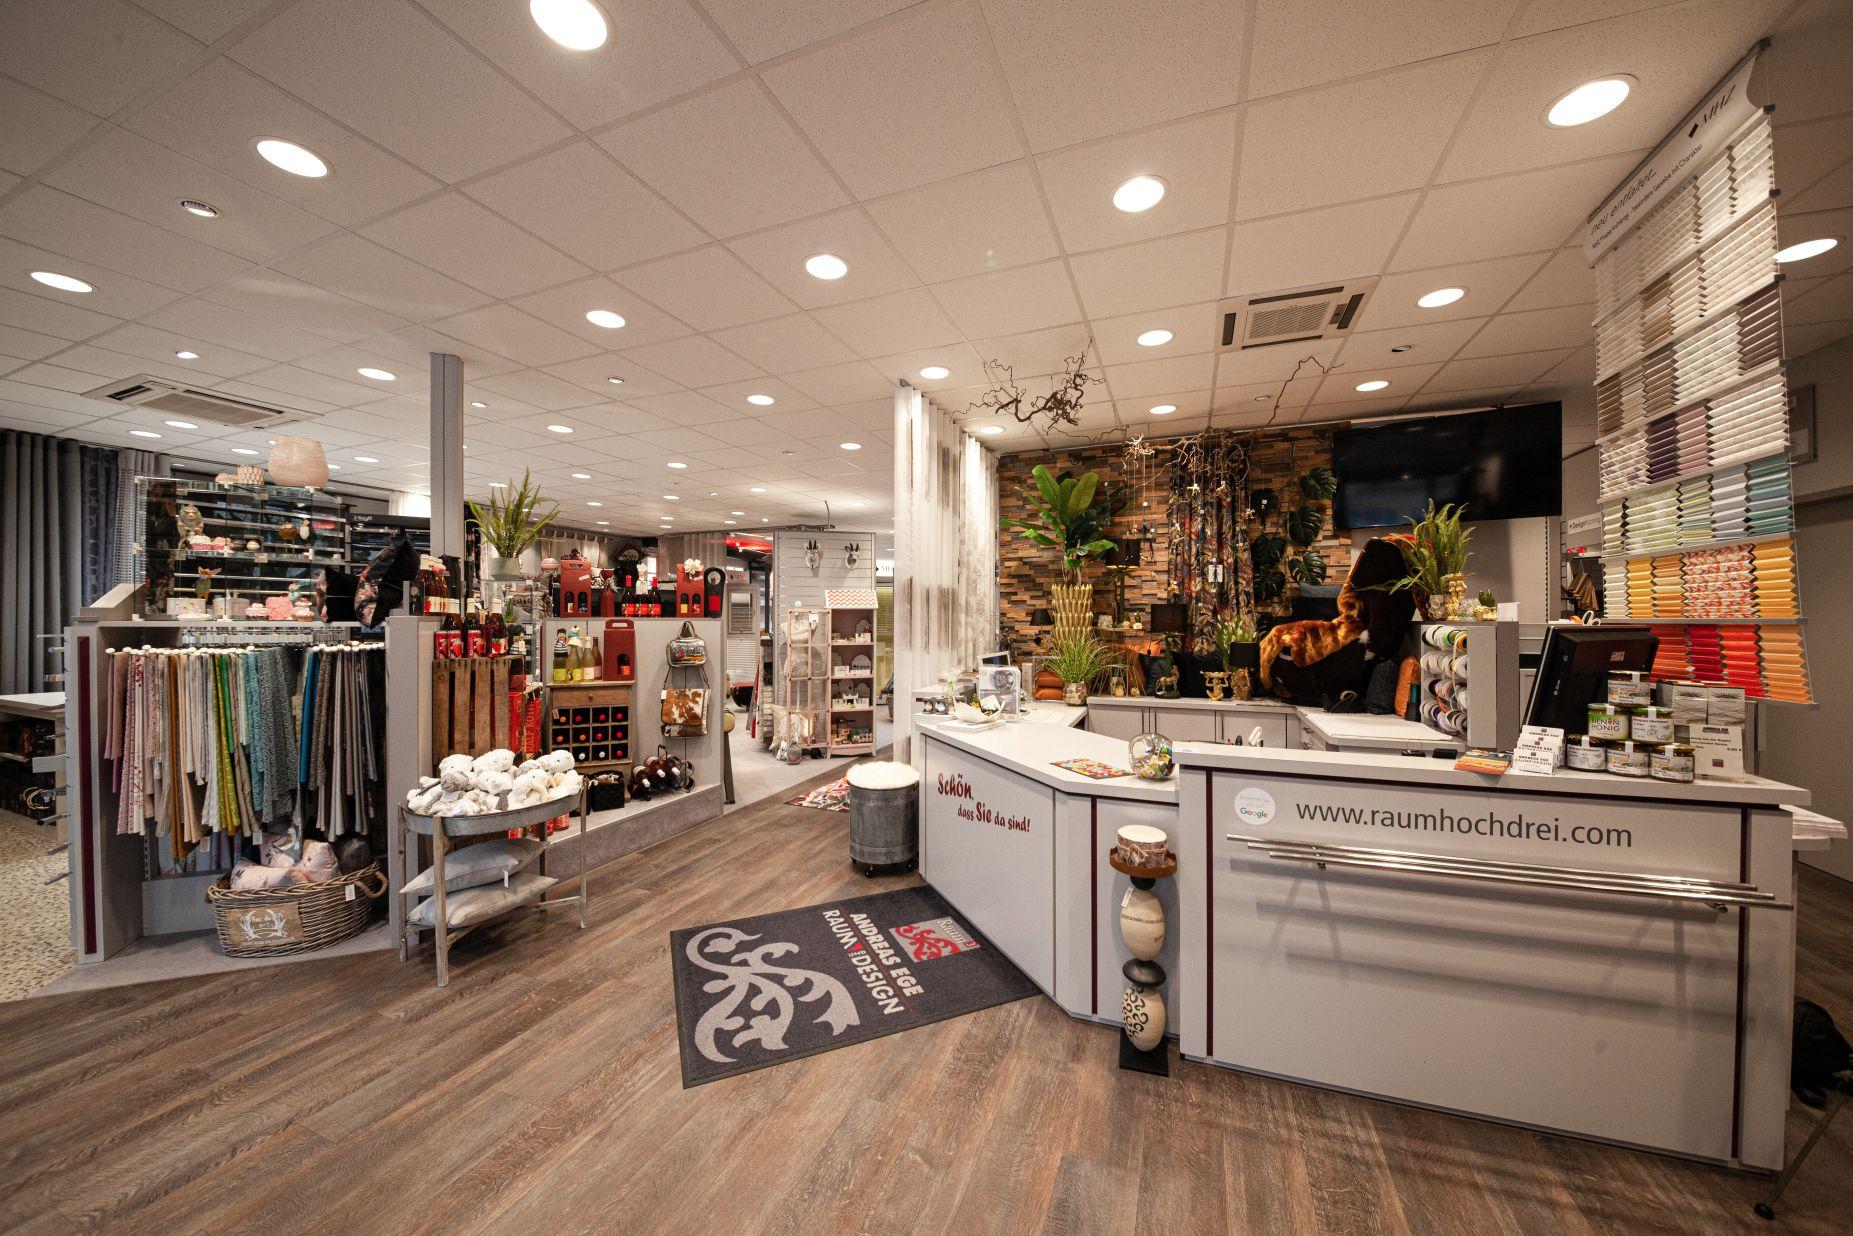 Eingangsbereich Dekoration bei Ege Raum & Design Mühldorf